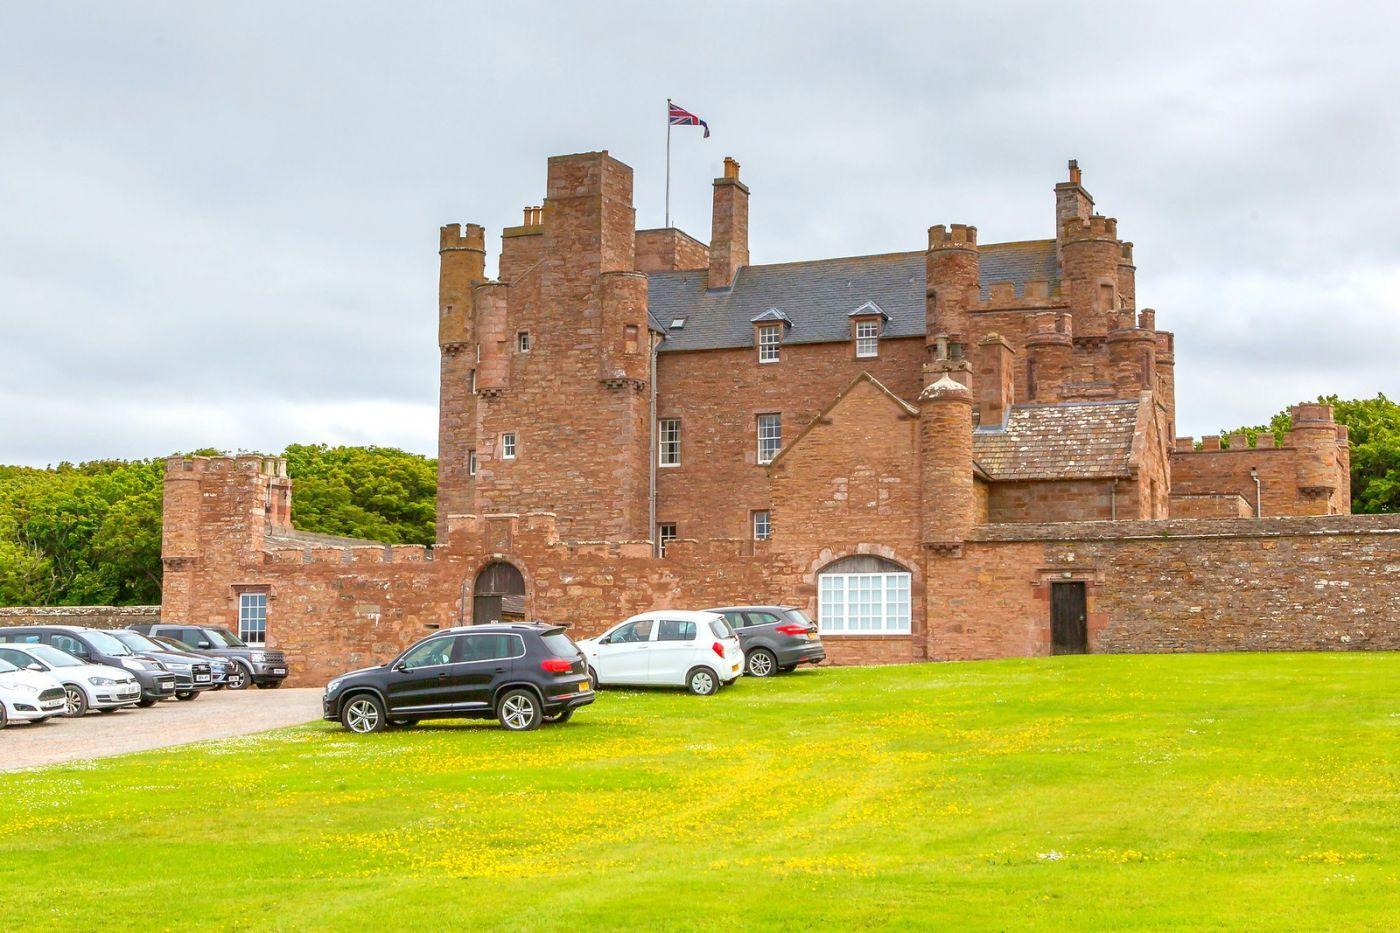 苏格兰梅城堡(Castle of Mey),五百年历史_图1-7